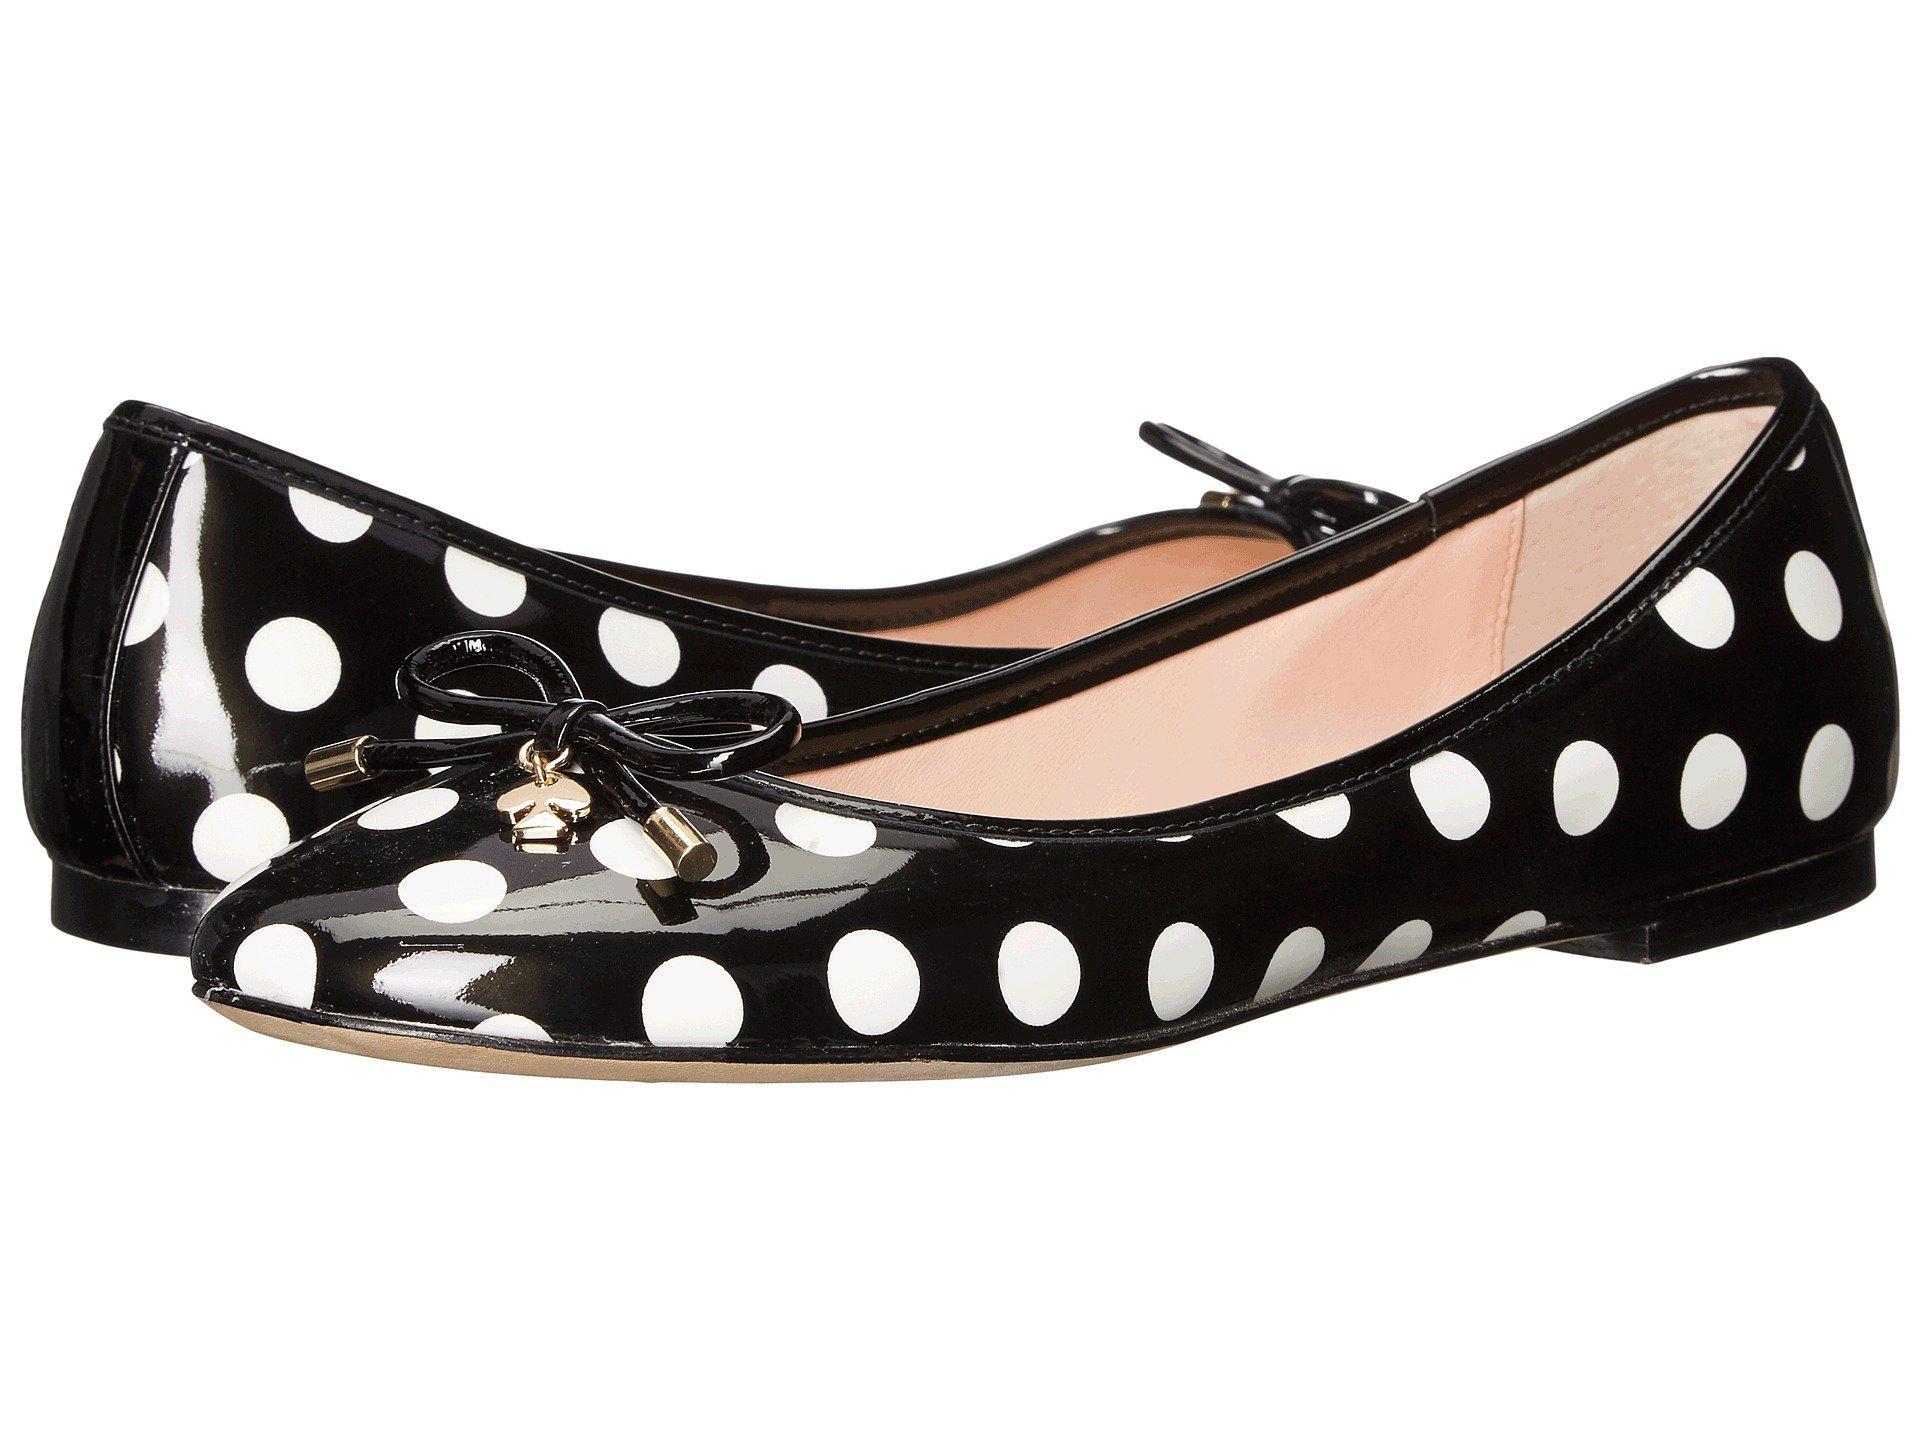 Kate Spade Willa In Black/White Polka Dot Patent